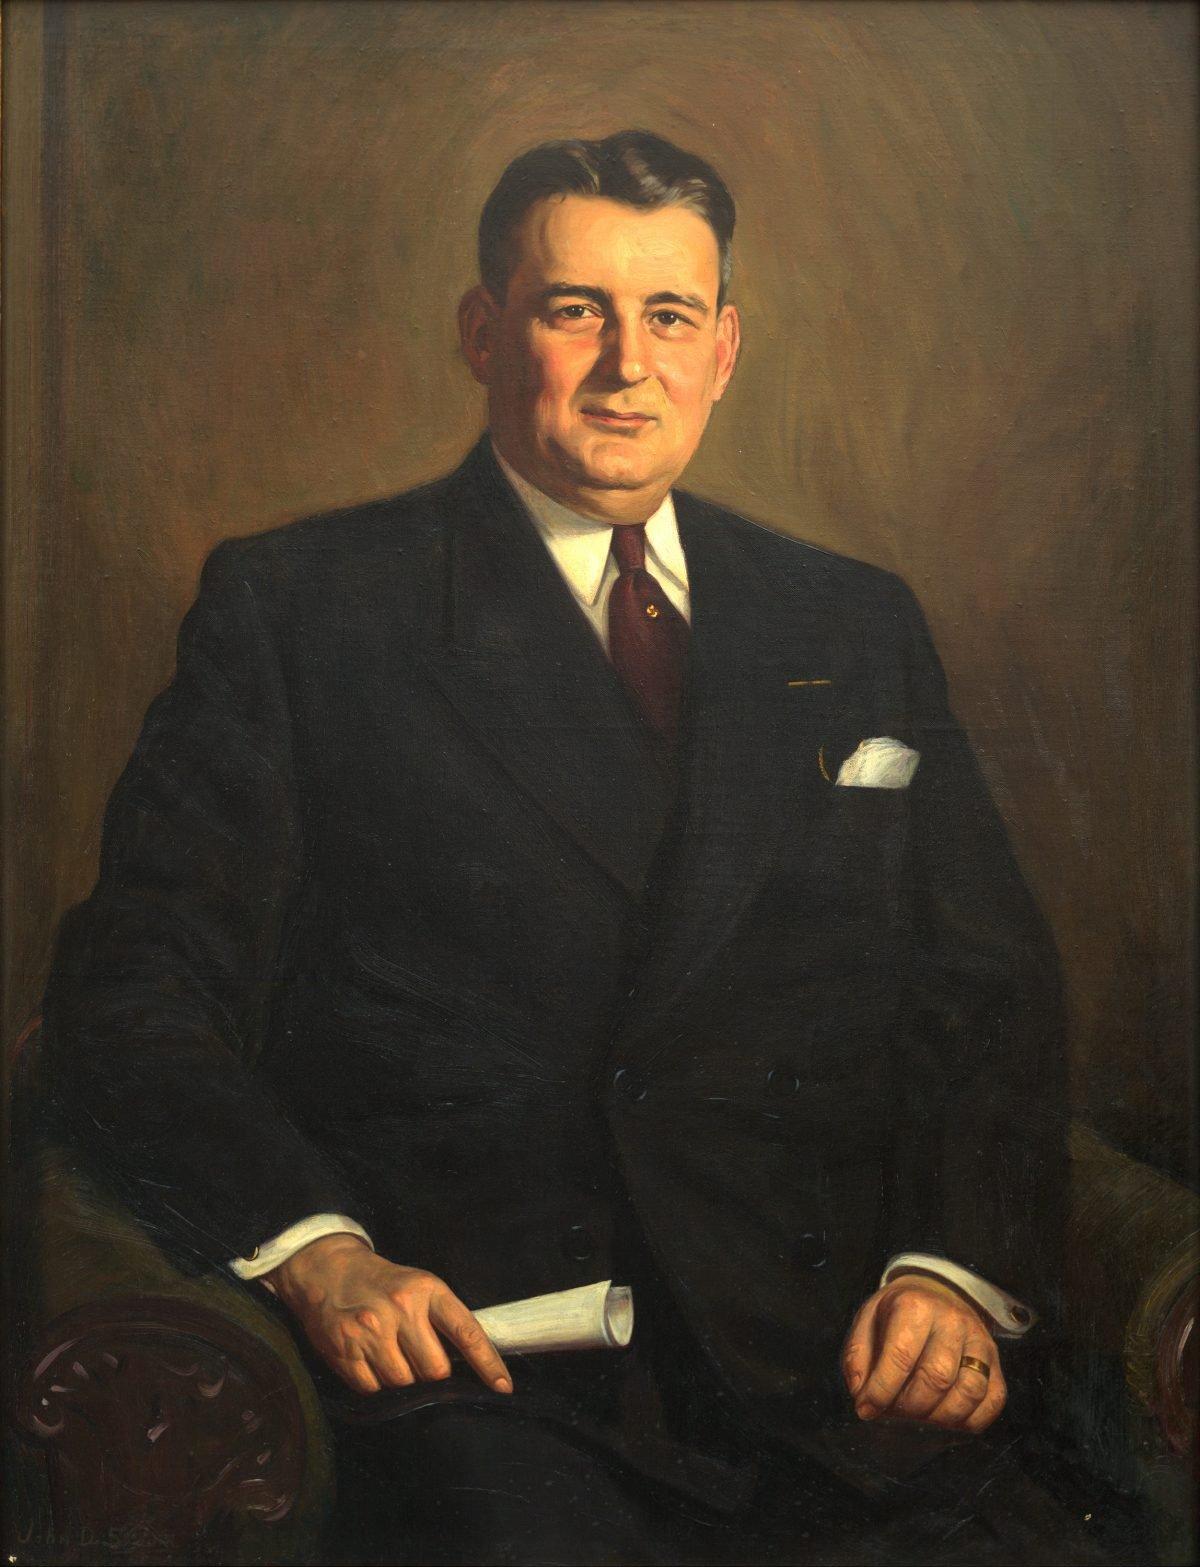 William M. Tuck